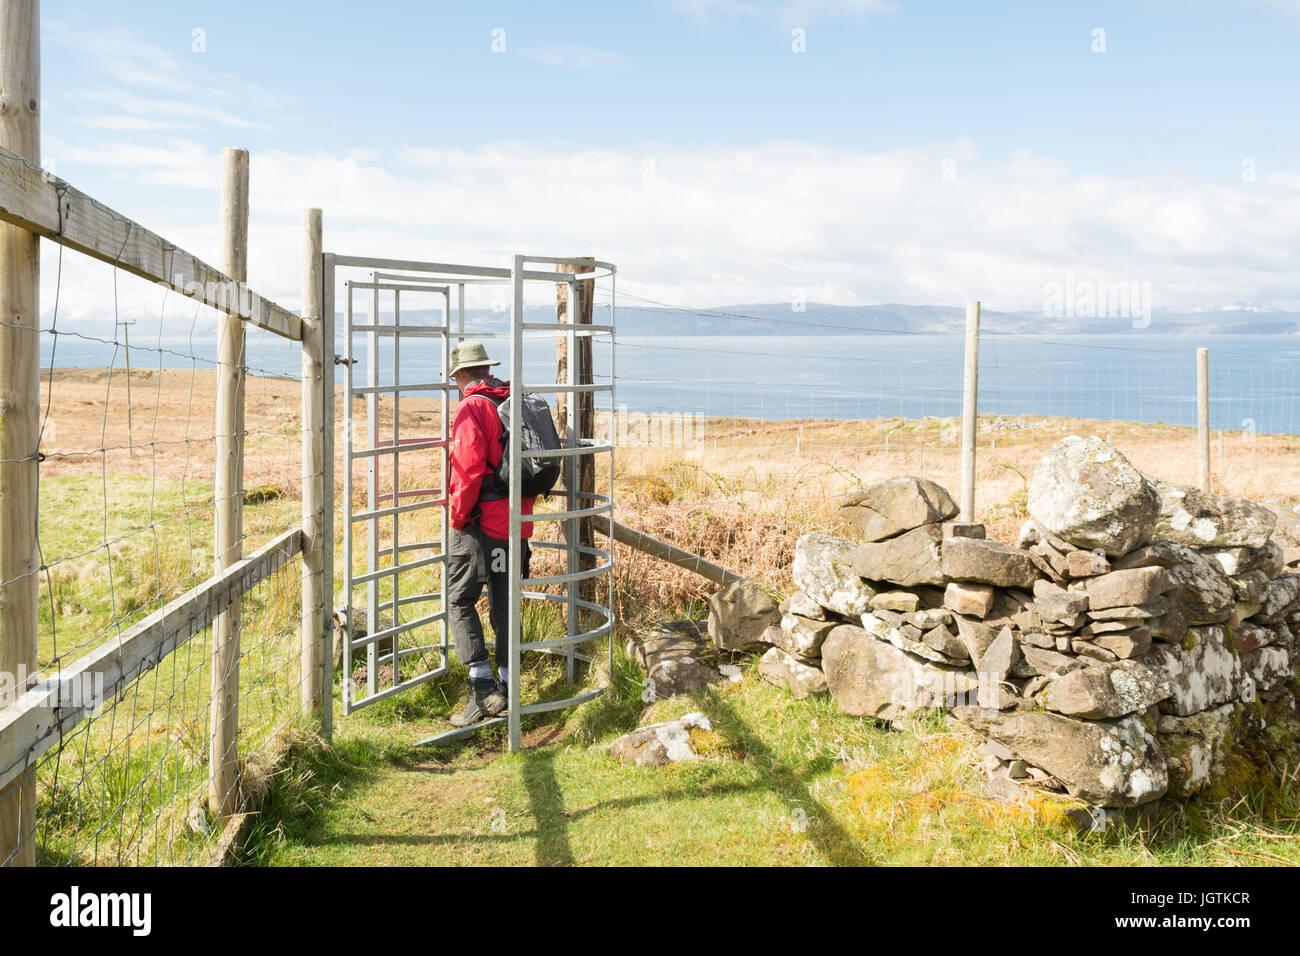 Prueba de ciervo puerta metálica y Esgrima - península de Applecross, Wester Ross, Highland, Scotland, Imagen De Stock